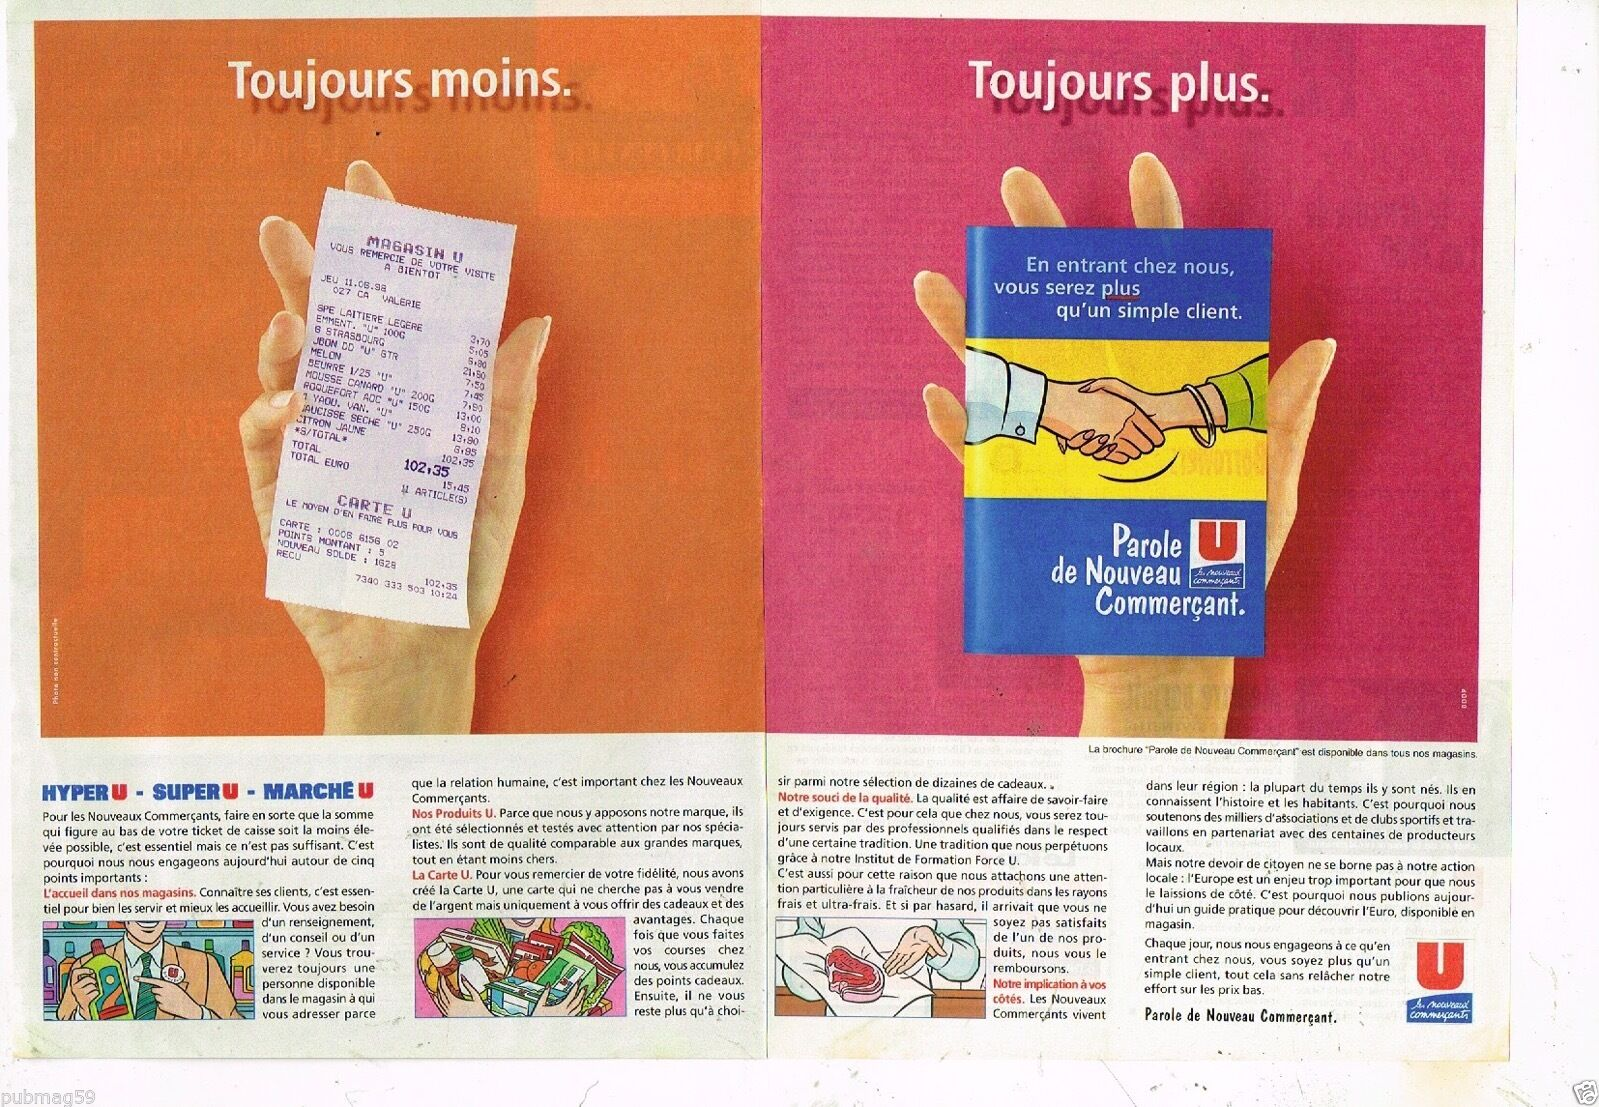 1998 Supermarches U